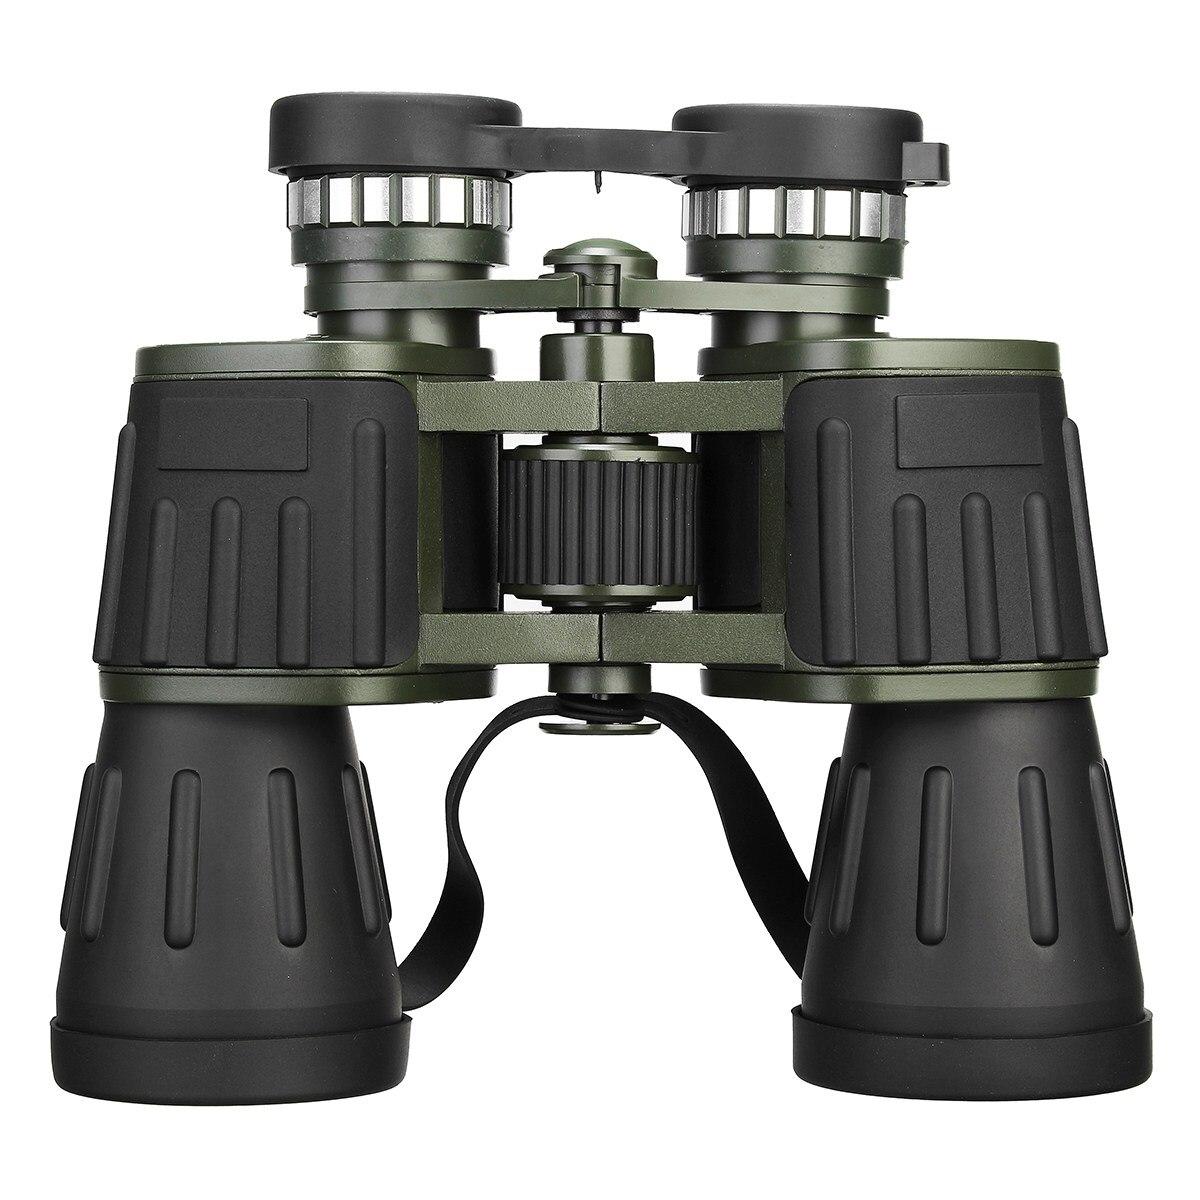 Nuit Vision 60x50 Militaire Armée Zoomables Puissant Jumelles HD pour En Plein Air randonnée Chasse Camping équipement de survie kit